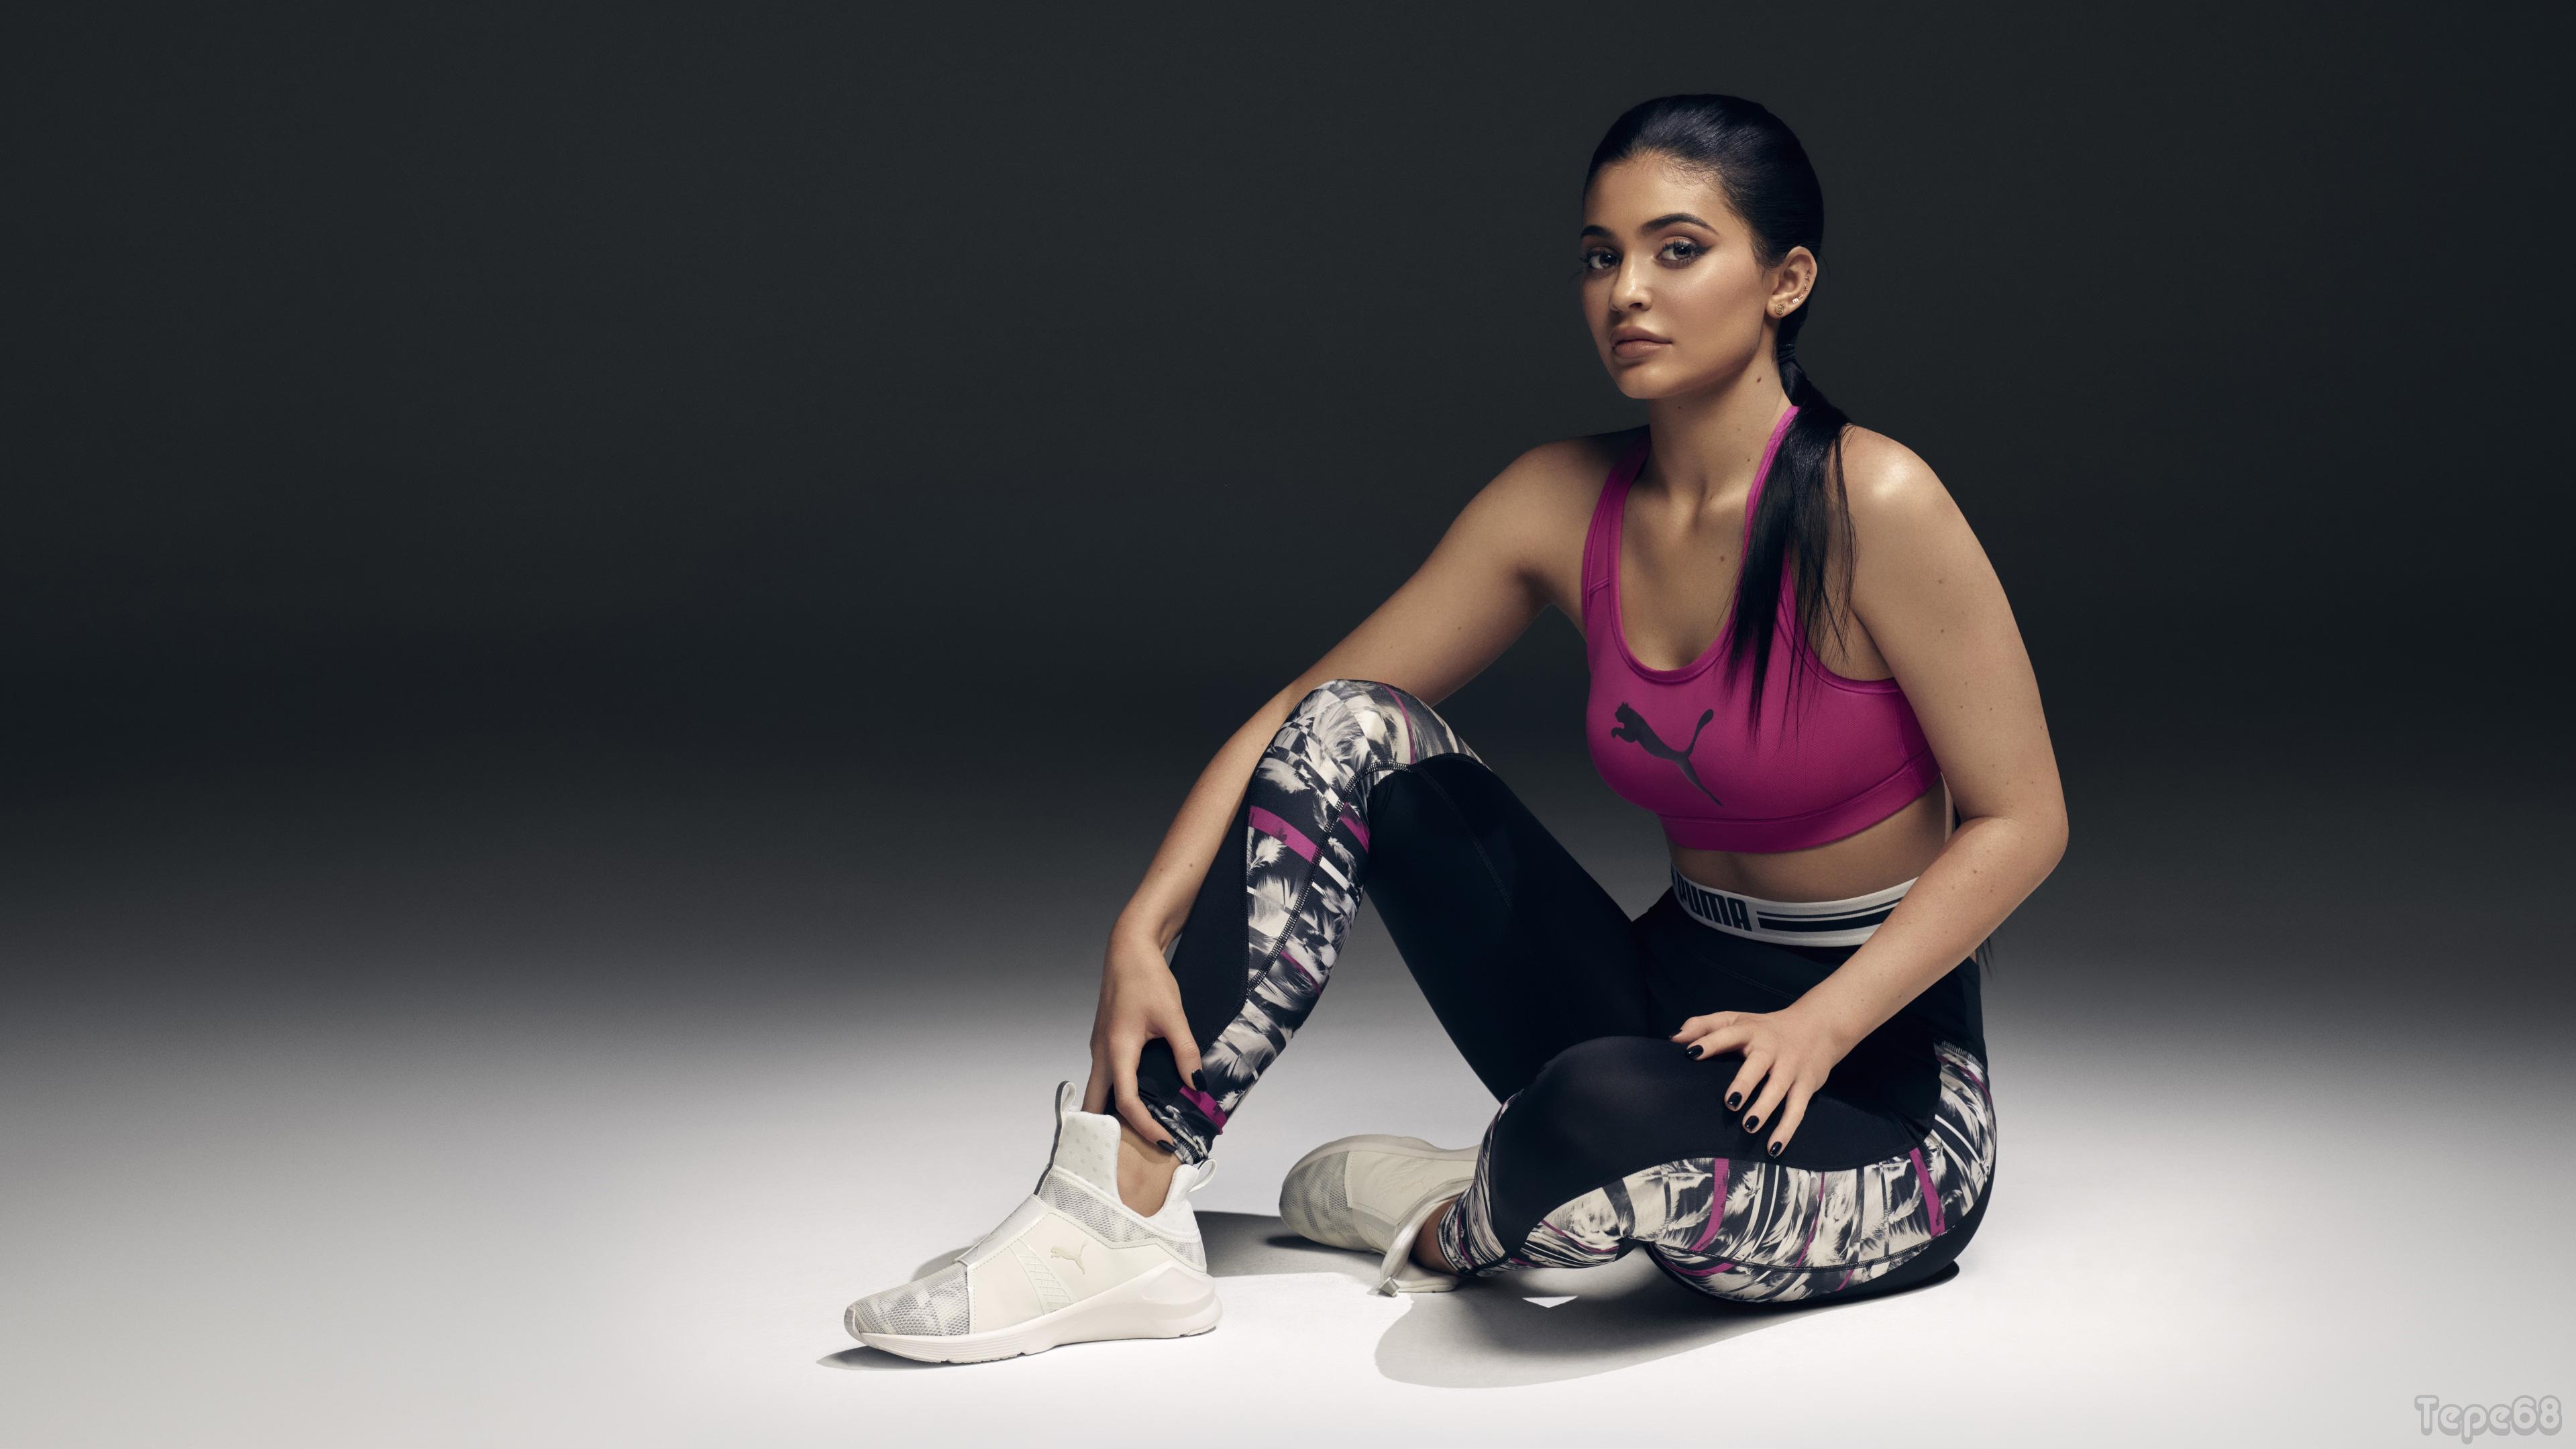 kylie jenner puma fierce 2018 1536860518 - Kylie Jenner Puma Fierce 2018 - model wallpapers, kylie jenner wallpapers, hd-wallpapers, girls wallpapers, celebrities wallpapers, 4k-wallpapers